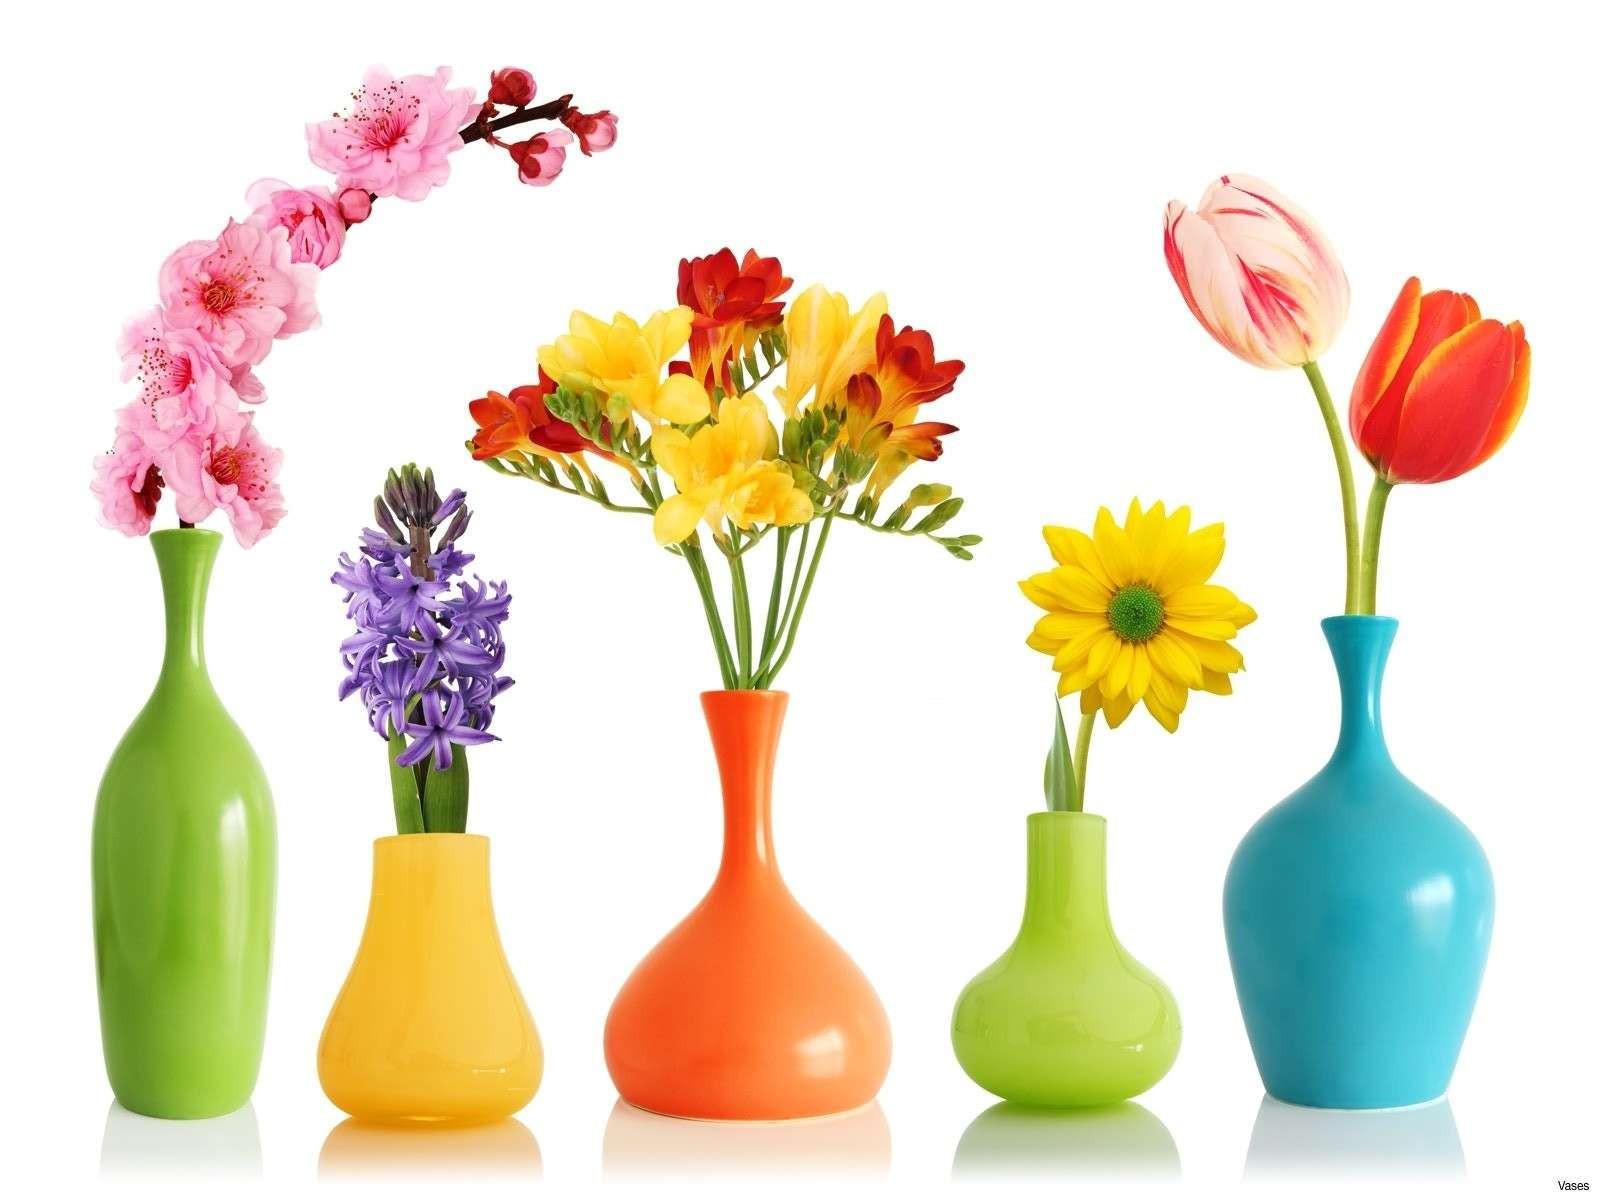 wall decor flower vase of awesome colorful etched vasesh vases flower vase i 0d design ideas regarding awesome colorful etched vasesh vases flower vase i 0d design ideas flower